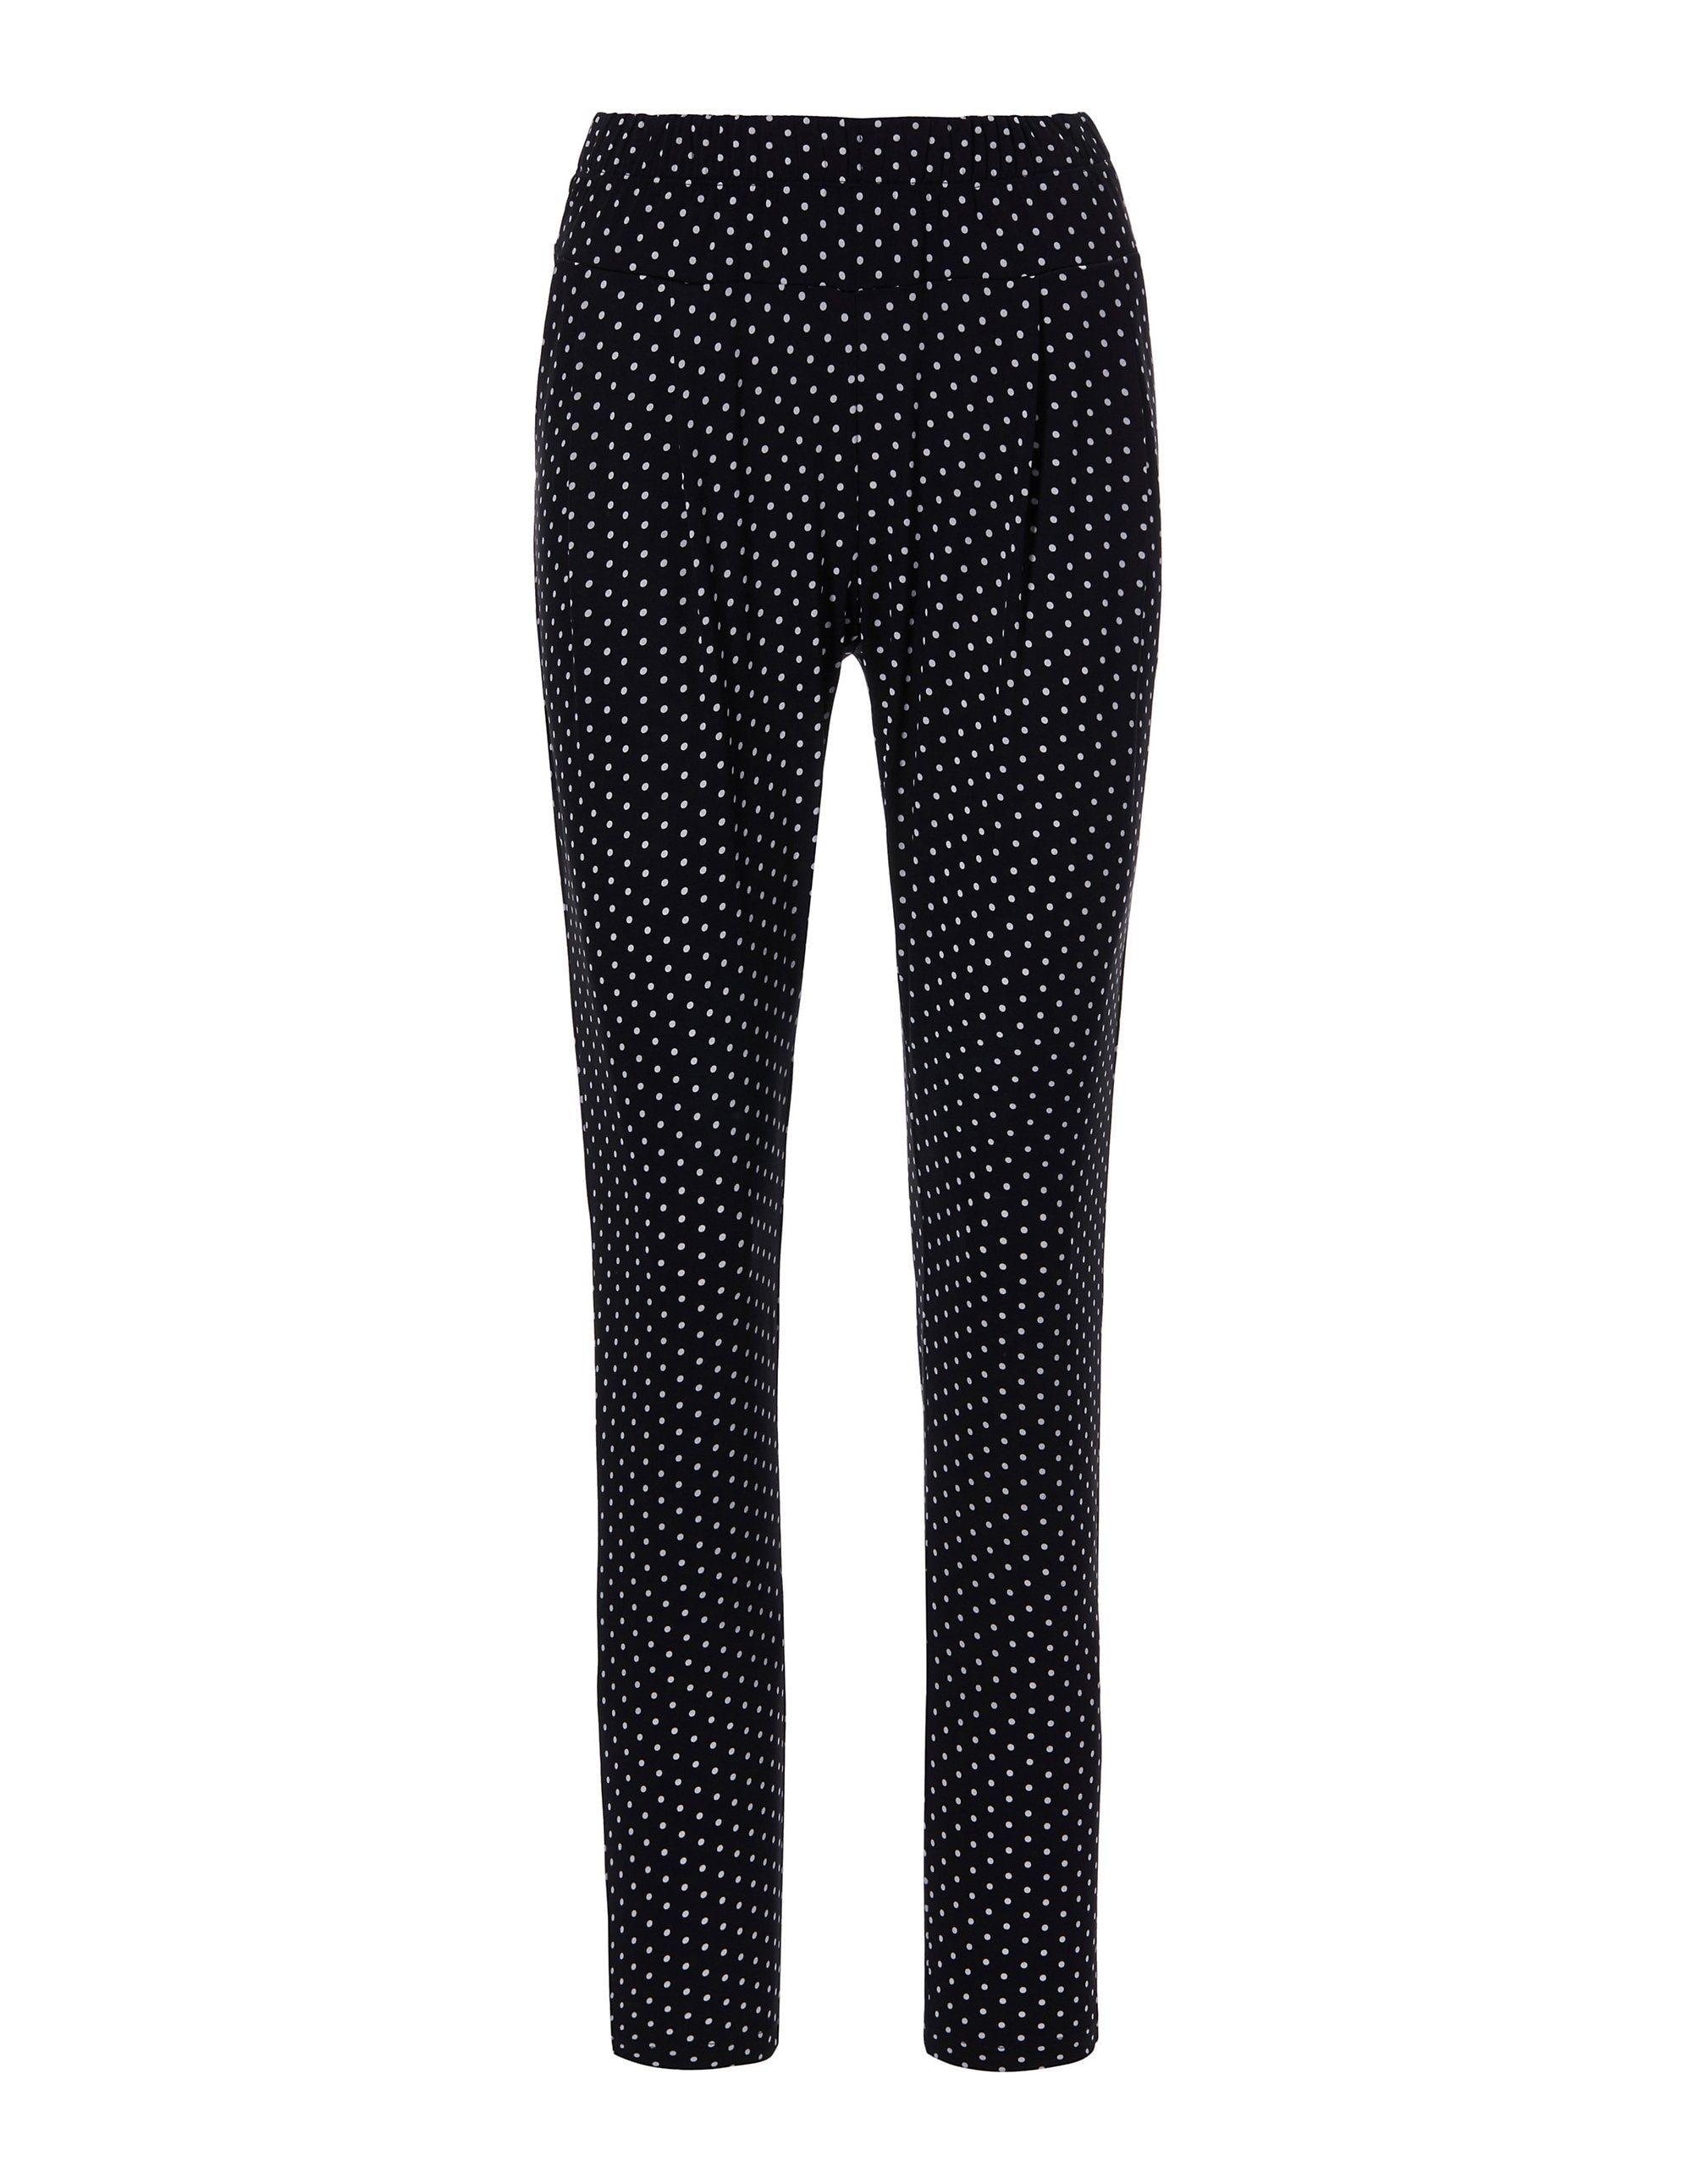 Jogg-Pants mit Tupfen in schwarz MADELEINE Gr 44  für Damen. Elasthan, Polyester. Waschbar